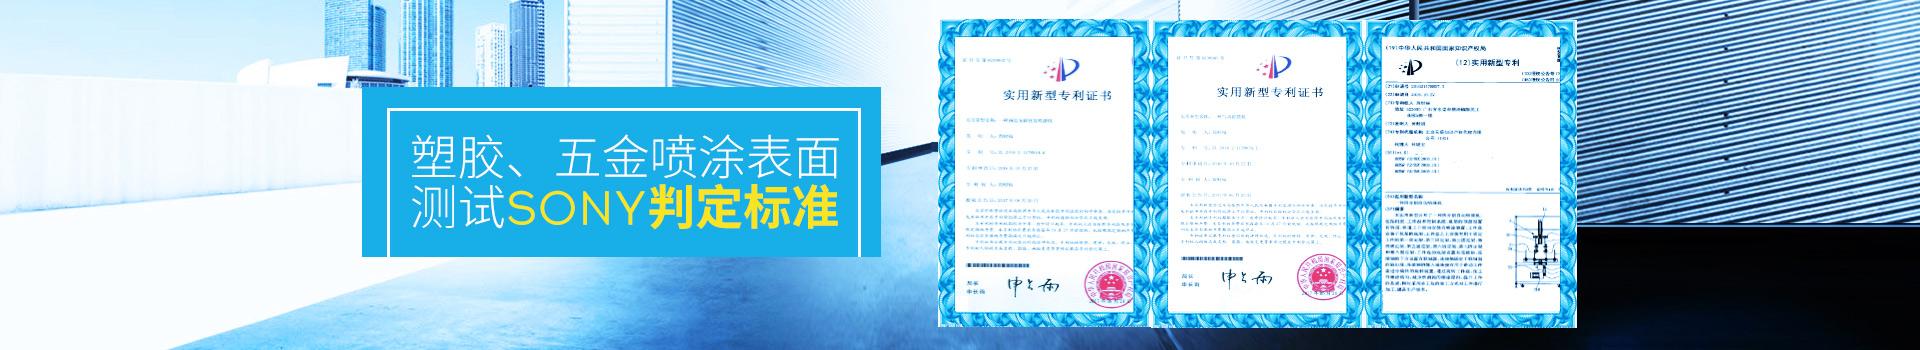 沐鸣2-塑胶、五金喷涂表面测试SONY判定标准